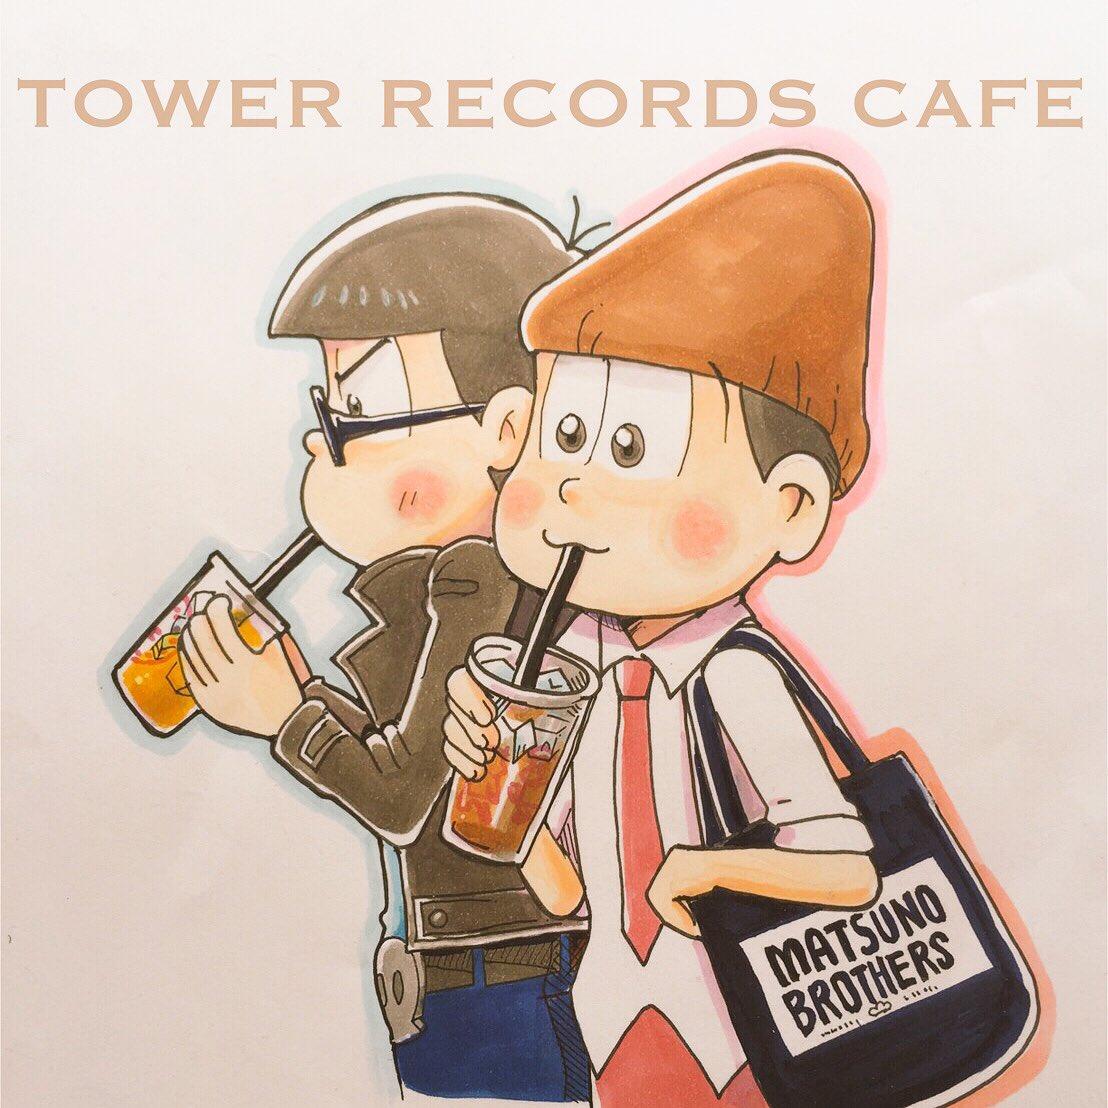 【TOWER RECORDS CAFE】テイクアウトドリンクの販売始めました!もちろんおそ松オリジナルカップで提供します!さらにコースターも付いてます!予約なしでも購入いただけますよ☻(YORK) #おそ松さん #タワレコカフェ https://t.co/Xq4u6bzA9b